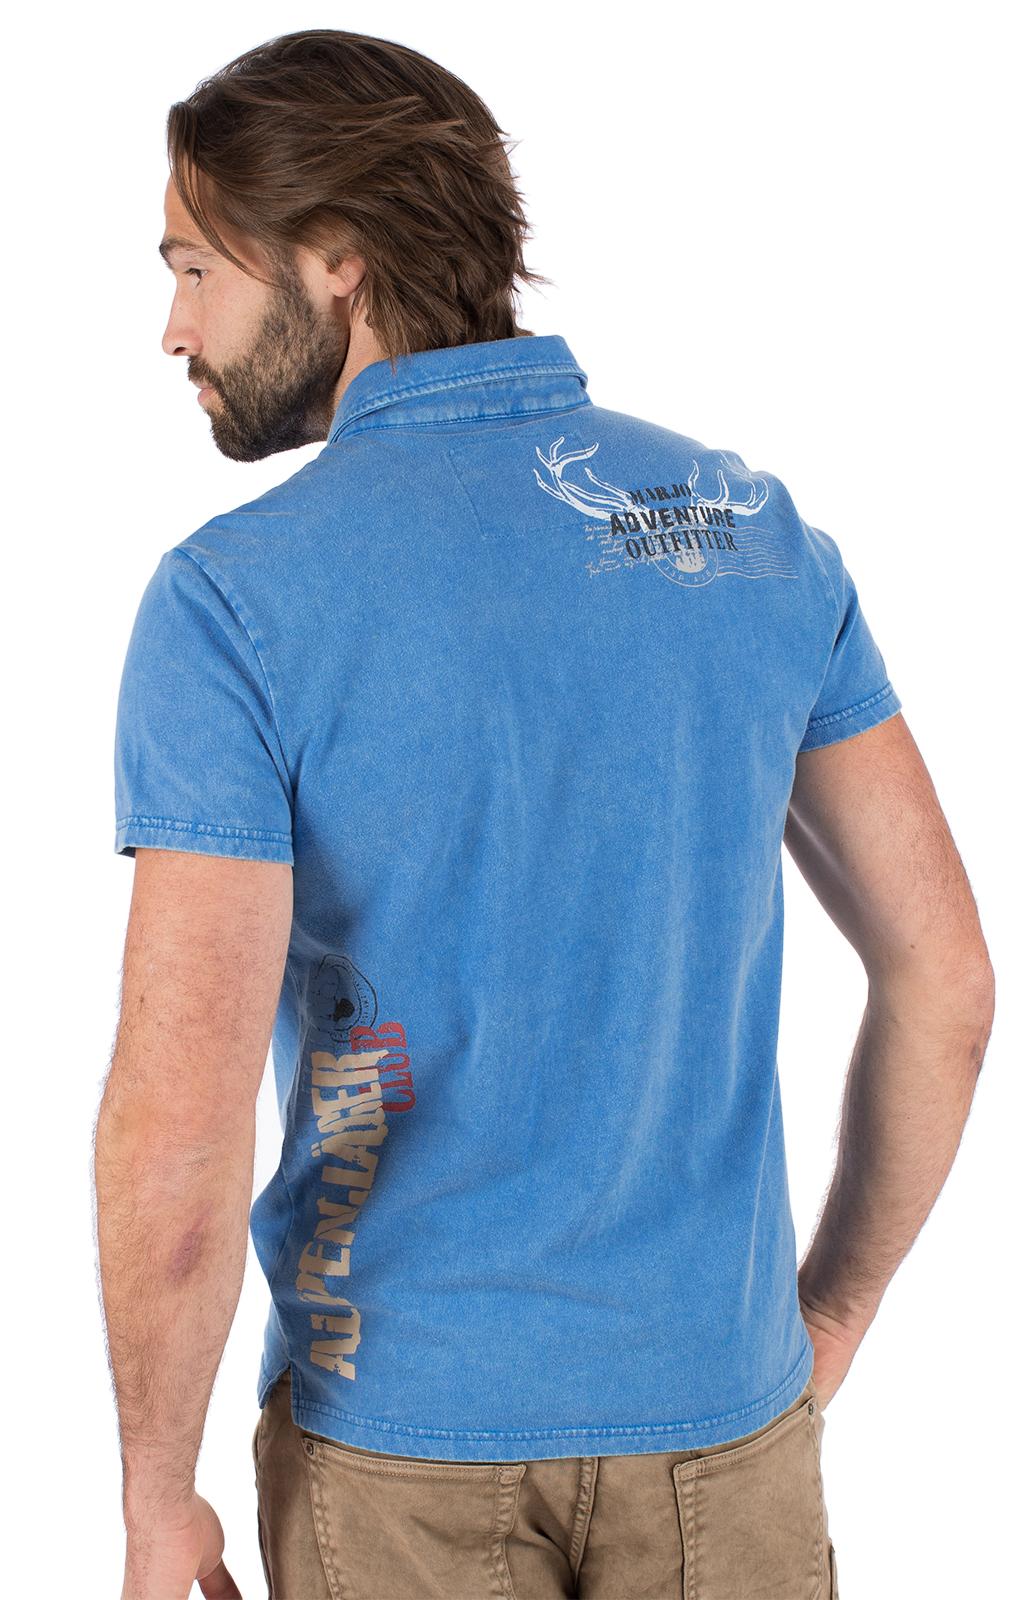 weitere Bilder von Trachten T-Shirt E09 - ALPENJAEGER blau